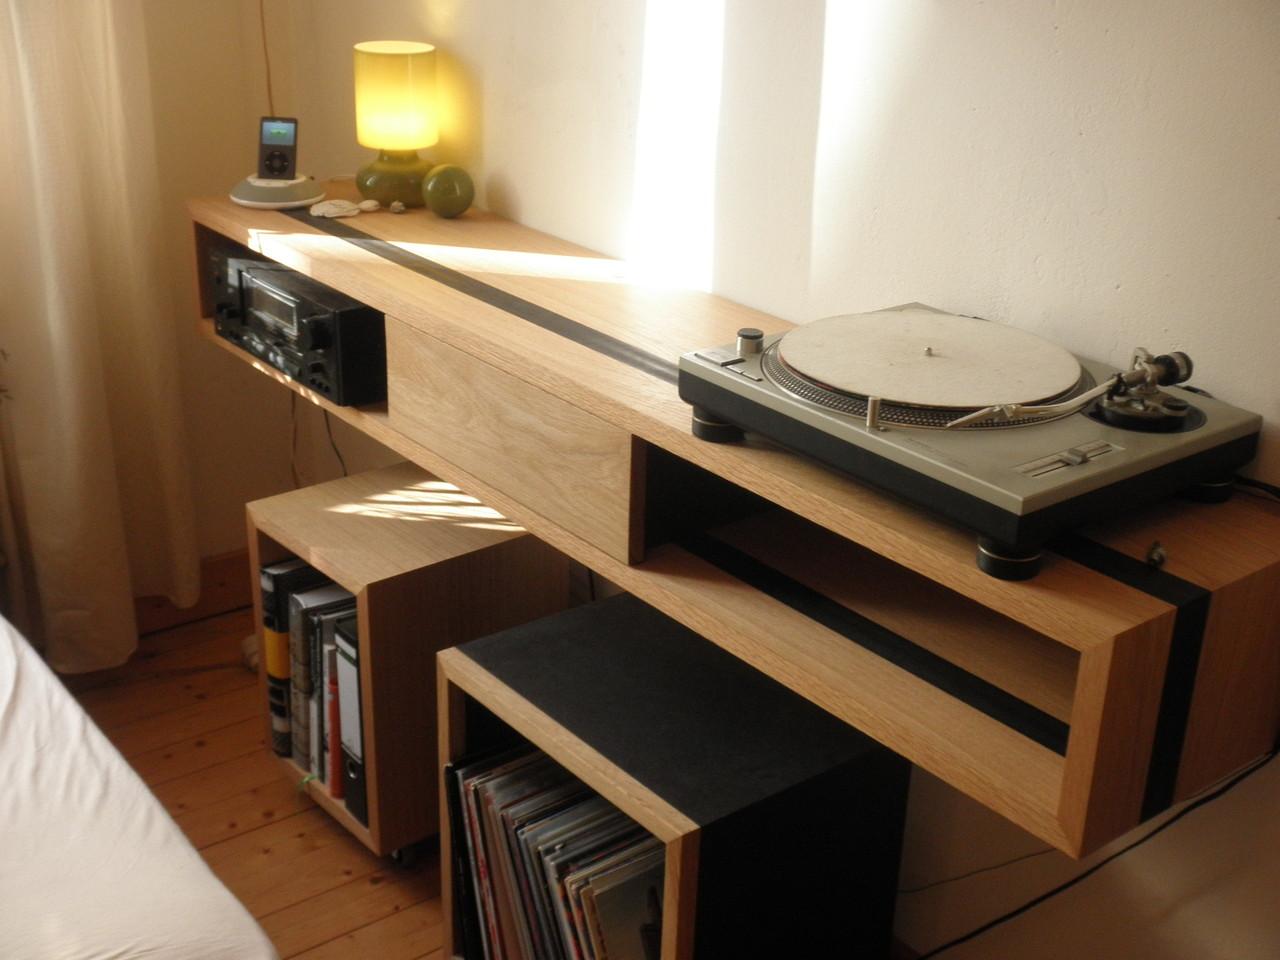 hängendes HiFi-Board mit Würfeln auf Rollen für Schallplatten